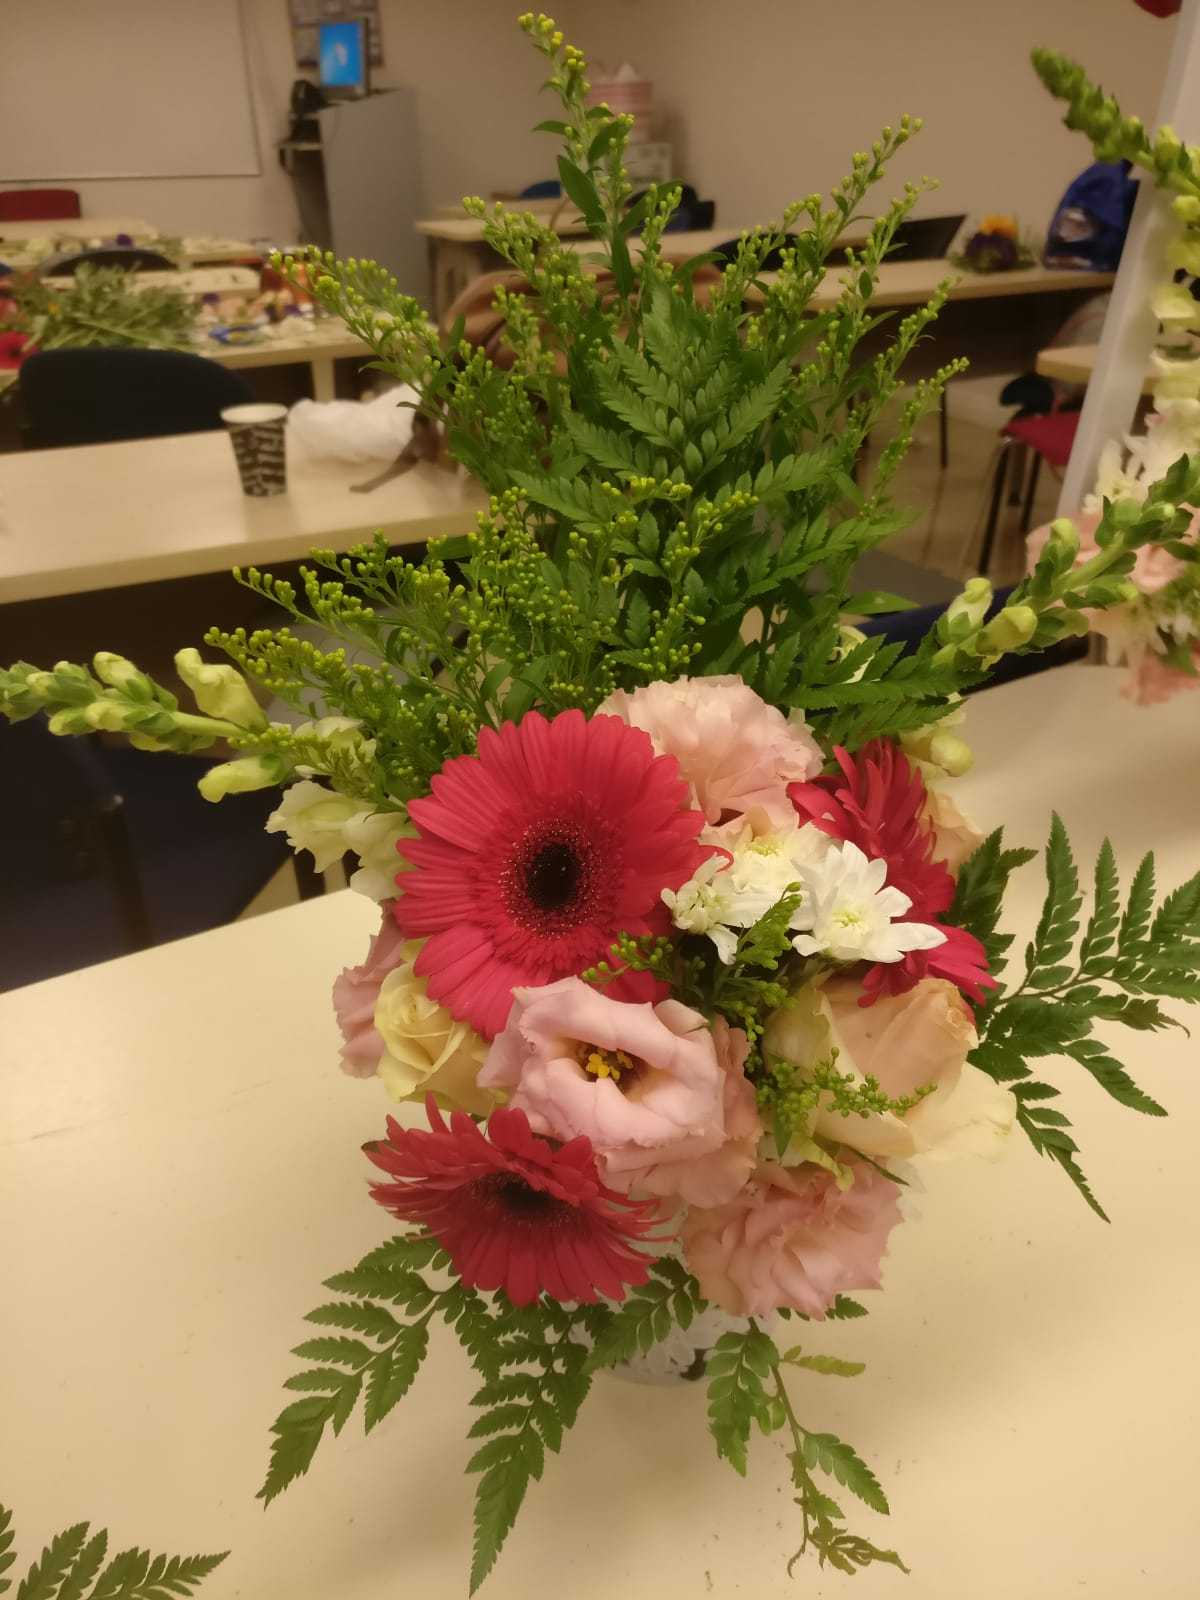 גלרייה - שיעור שזירת פרחים - קורס הפקת אירועים מחזור 23, 26 מתוך 32